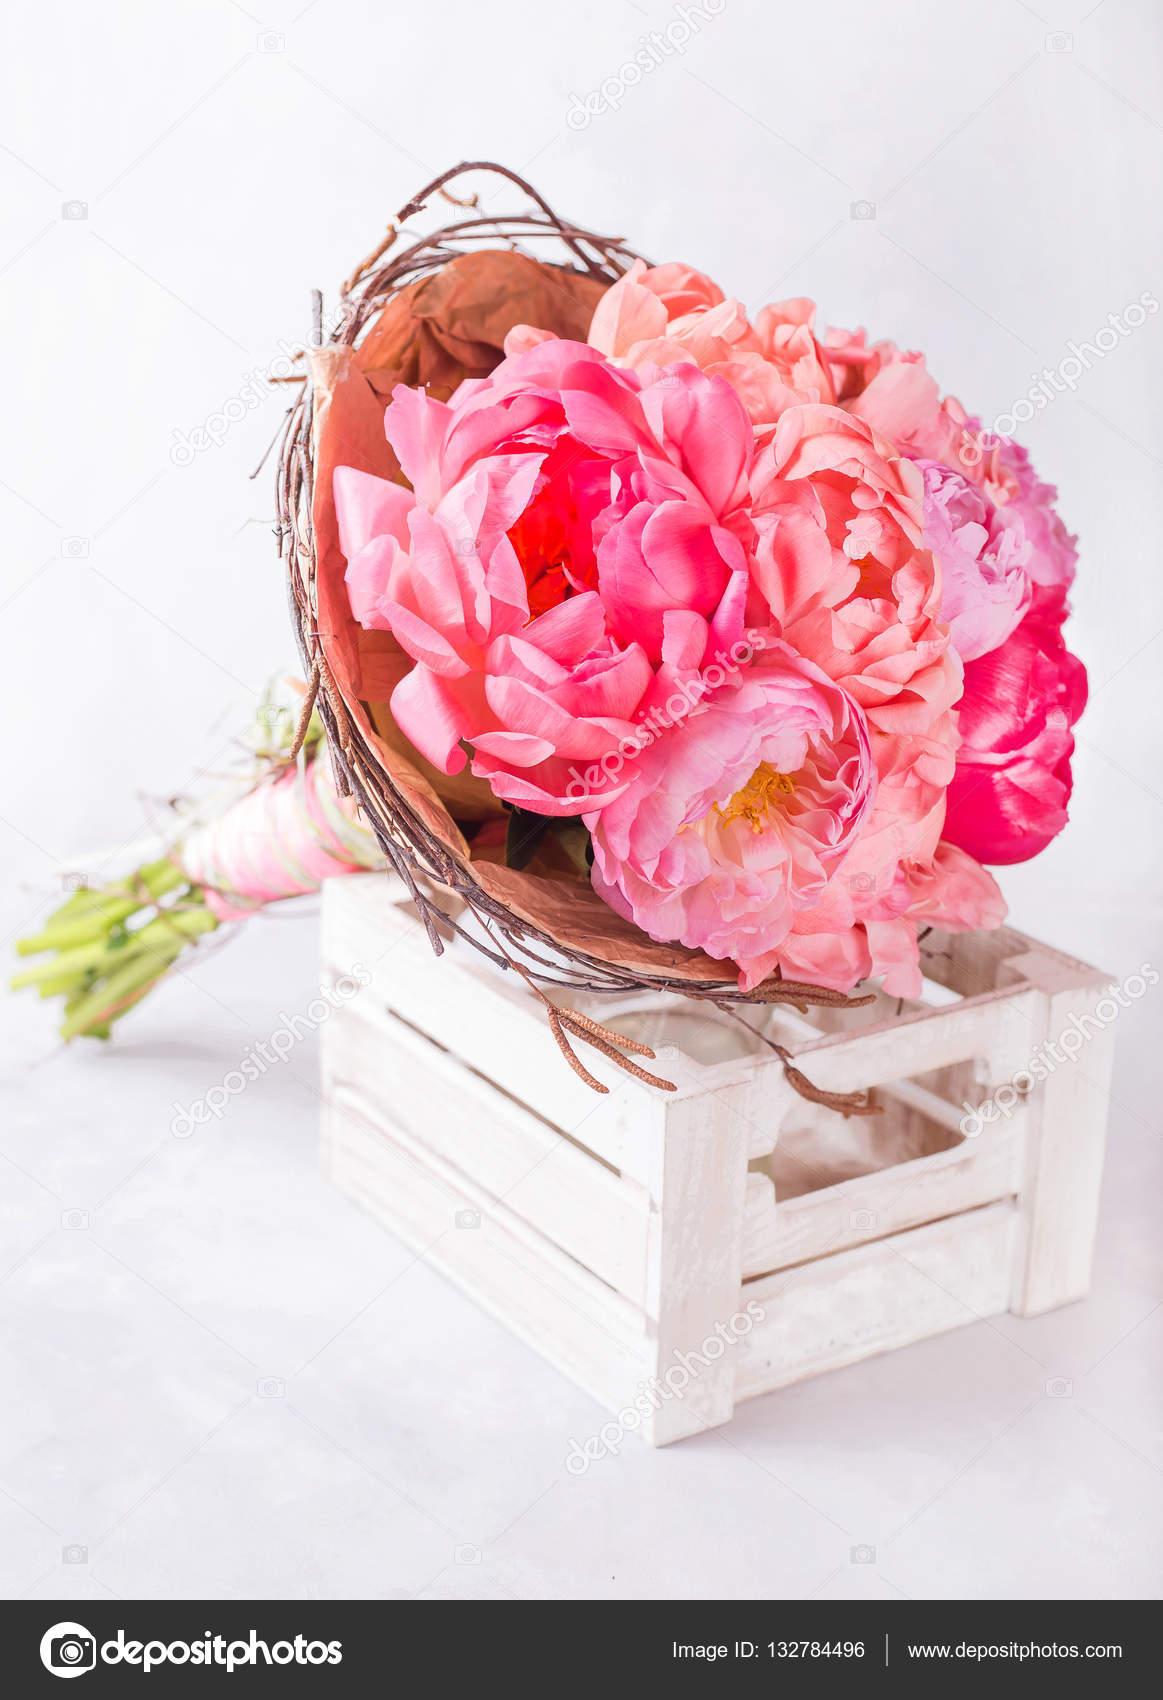 vesennie-buket-s-pionov-v-korobke-novogodnie-buketi-rozami